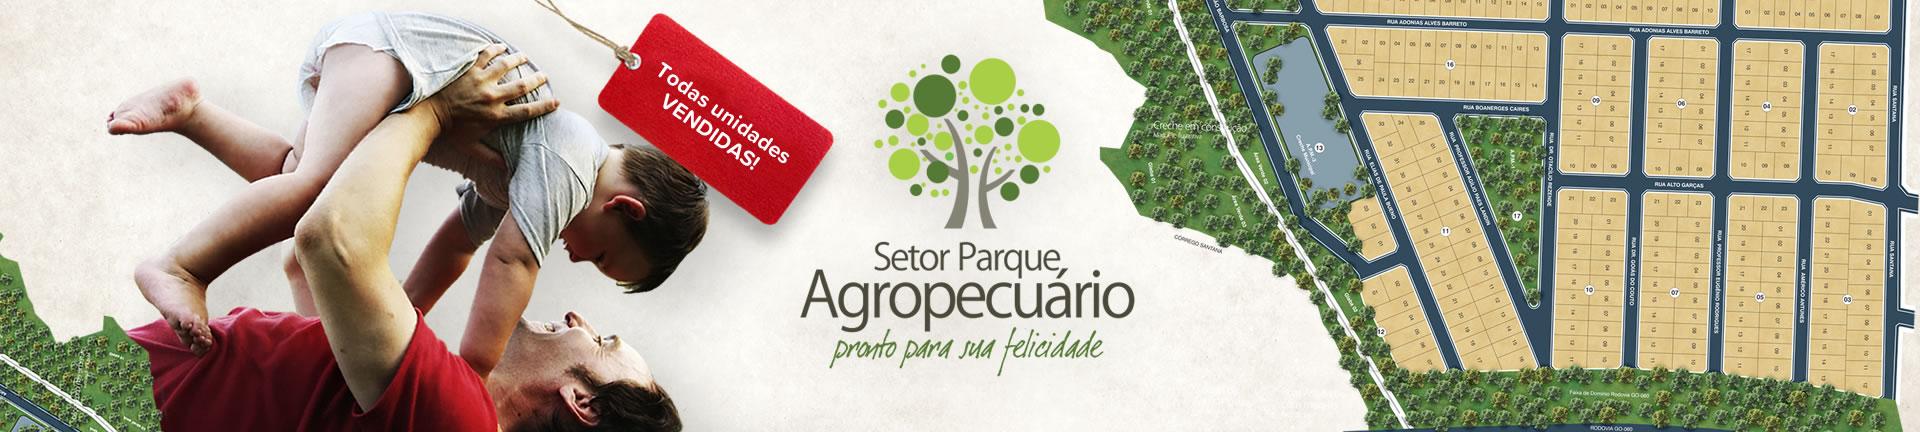 Setor Parque Agropecuário